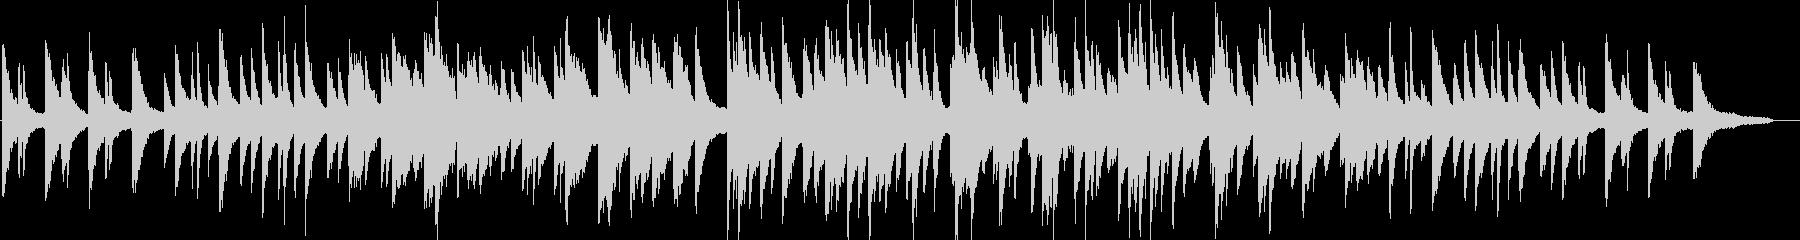 リラックス・ピアノソロ・イベント・映像の未再生の波形